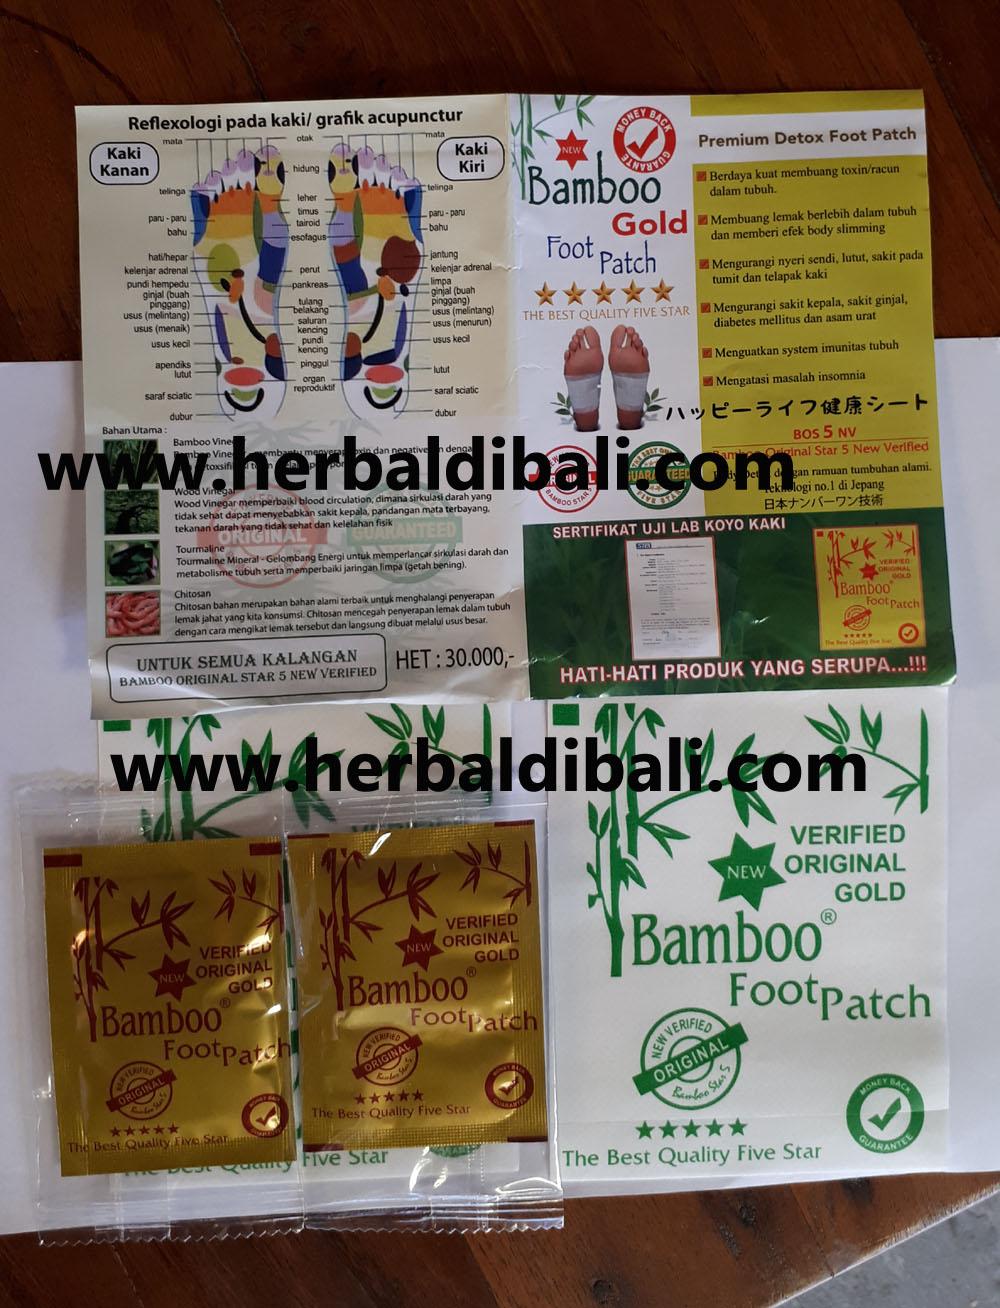 Jual Koyo Kaki Bamboo Gold Detox Di Denpasar Bali Produk Penyerap Racun Tubuh Foot Patch Original Home Sehat Herbal